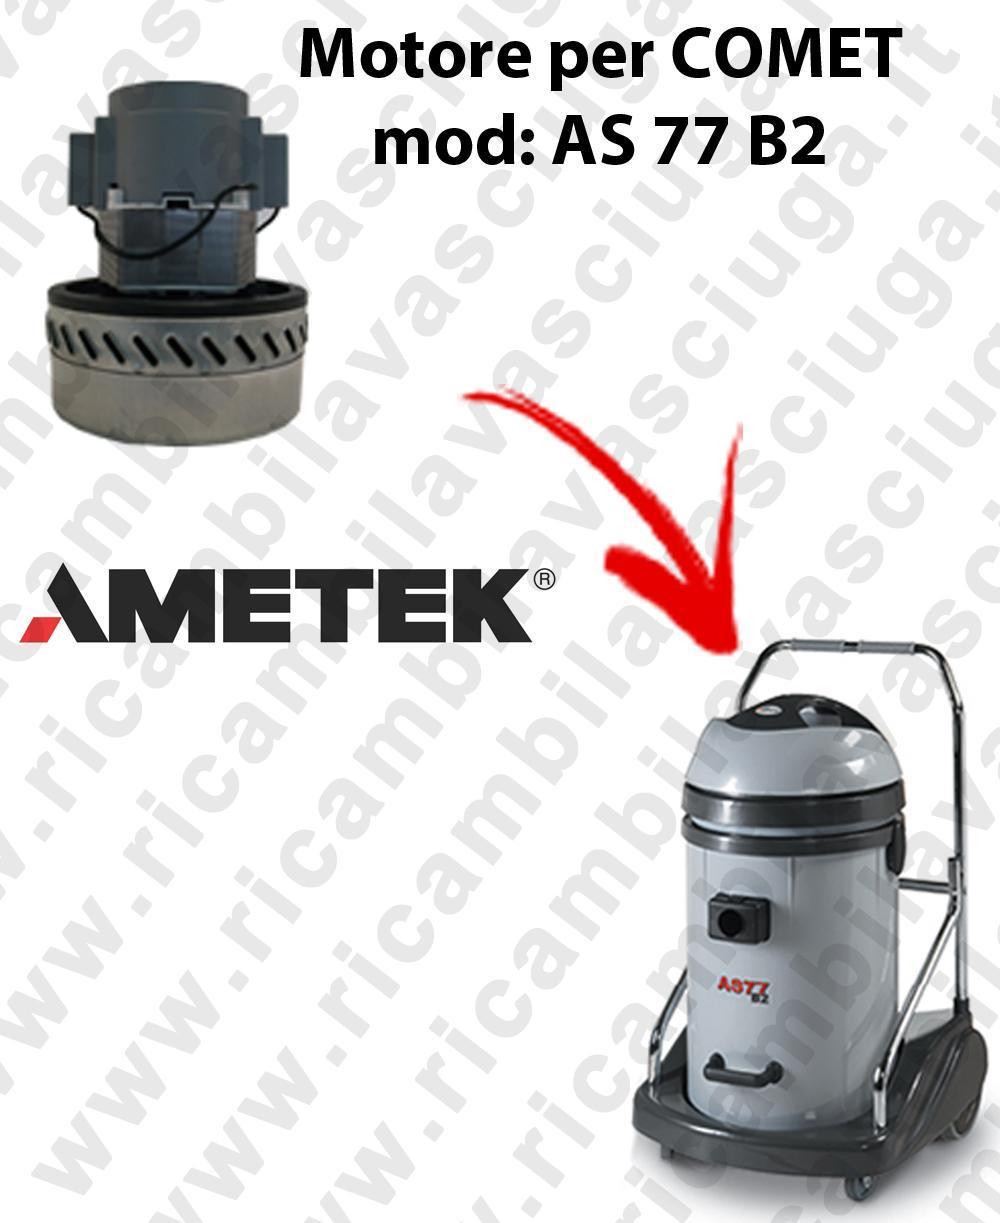 AS 77 B2 Saugmotor AMETEK für Staubsauger COMET